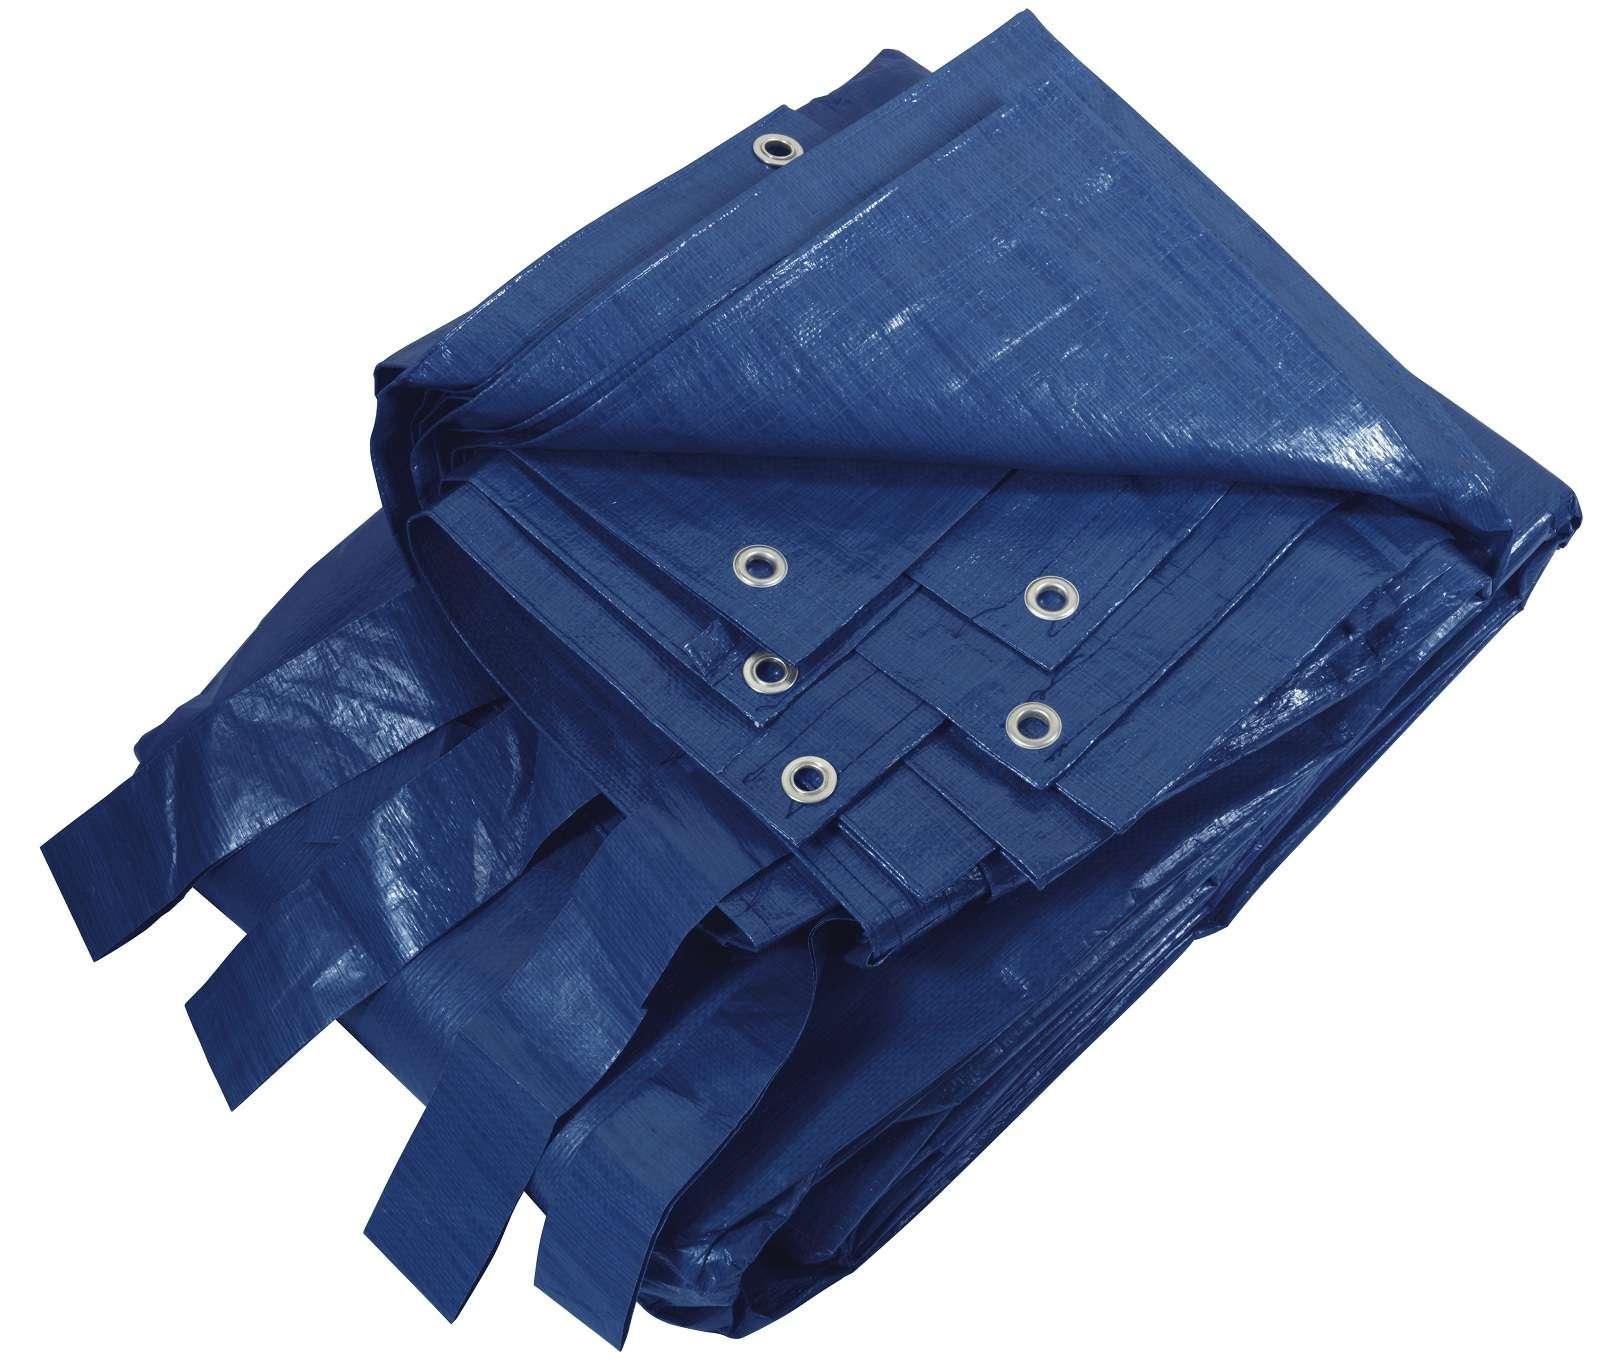 b che couverture hiver pour piscine 6m x 10m prbp14006x10 ebay. Black Bedroom Furniture Sets. Home Design Ideas